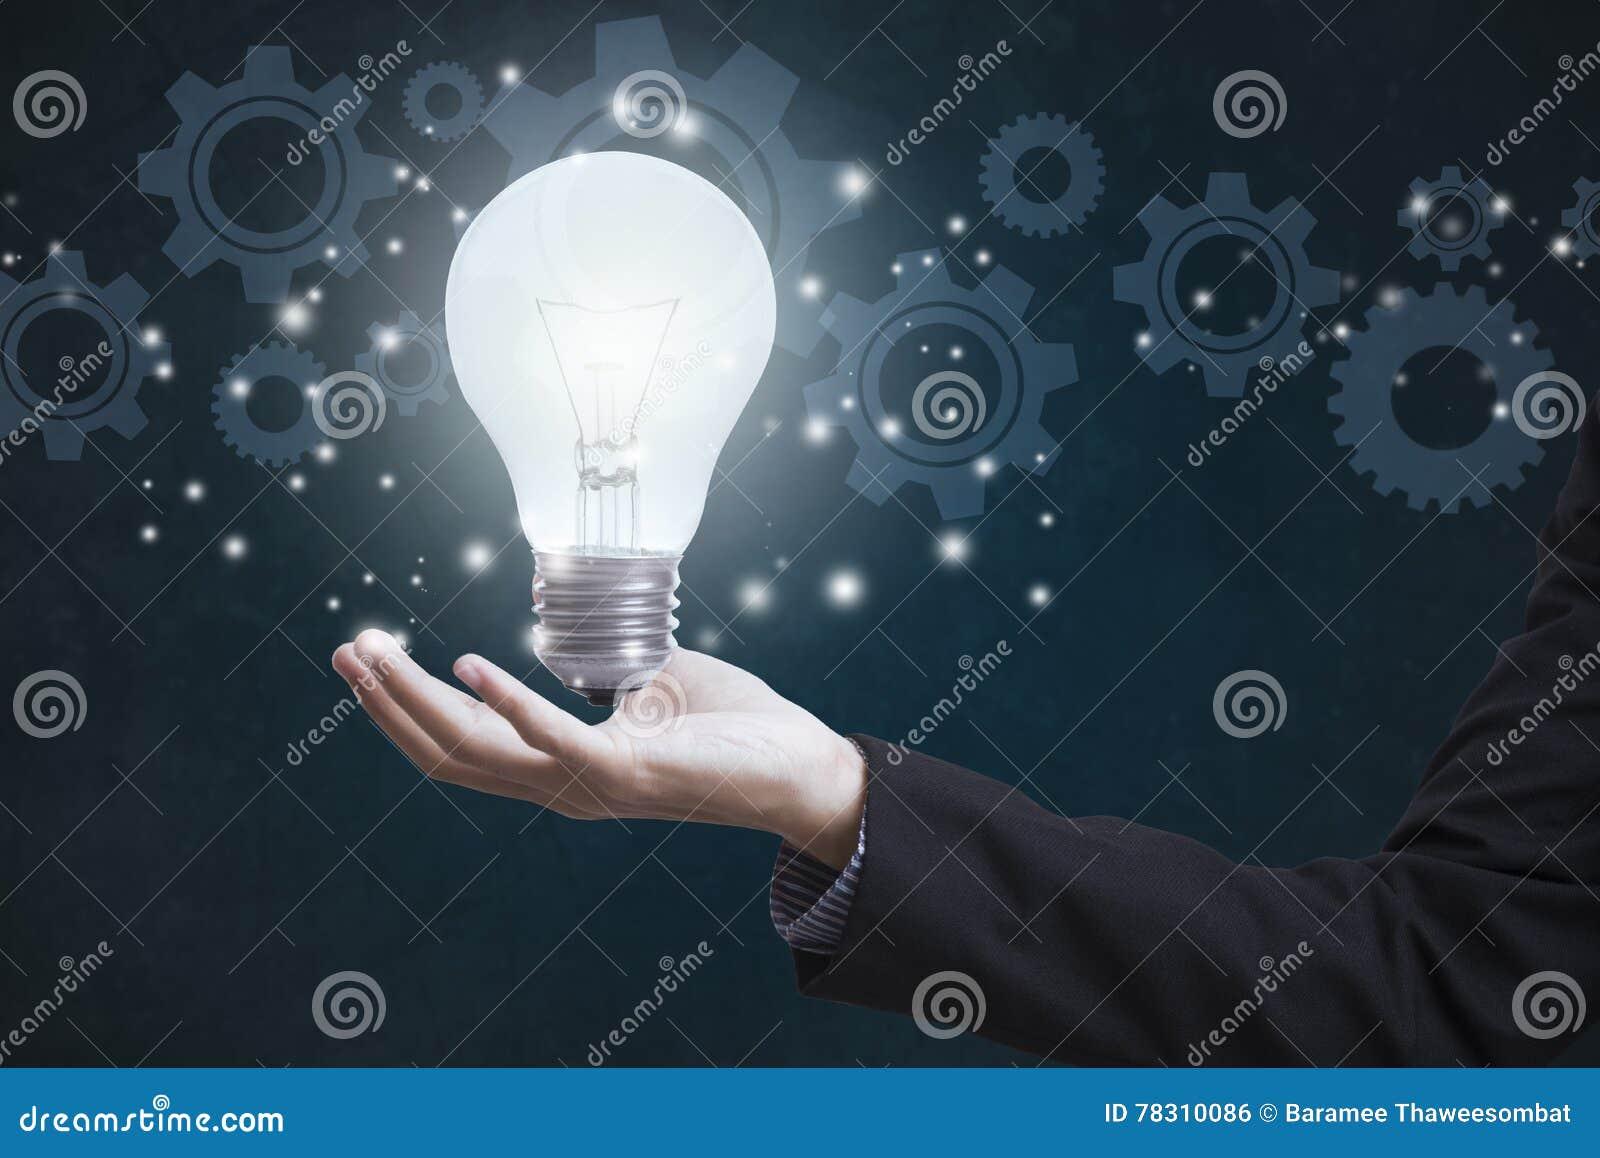 Επιχειρησιακό χέρι που κρατά την ηλεκτρική λάμπα φωτός με τις ρόδες εργαλείων